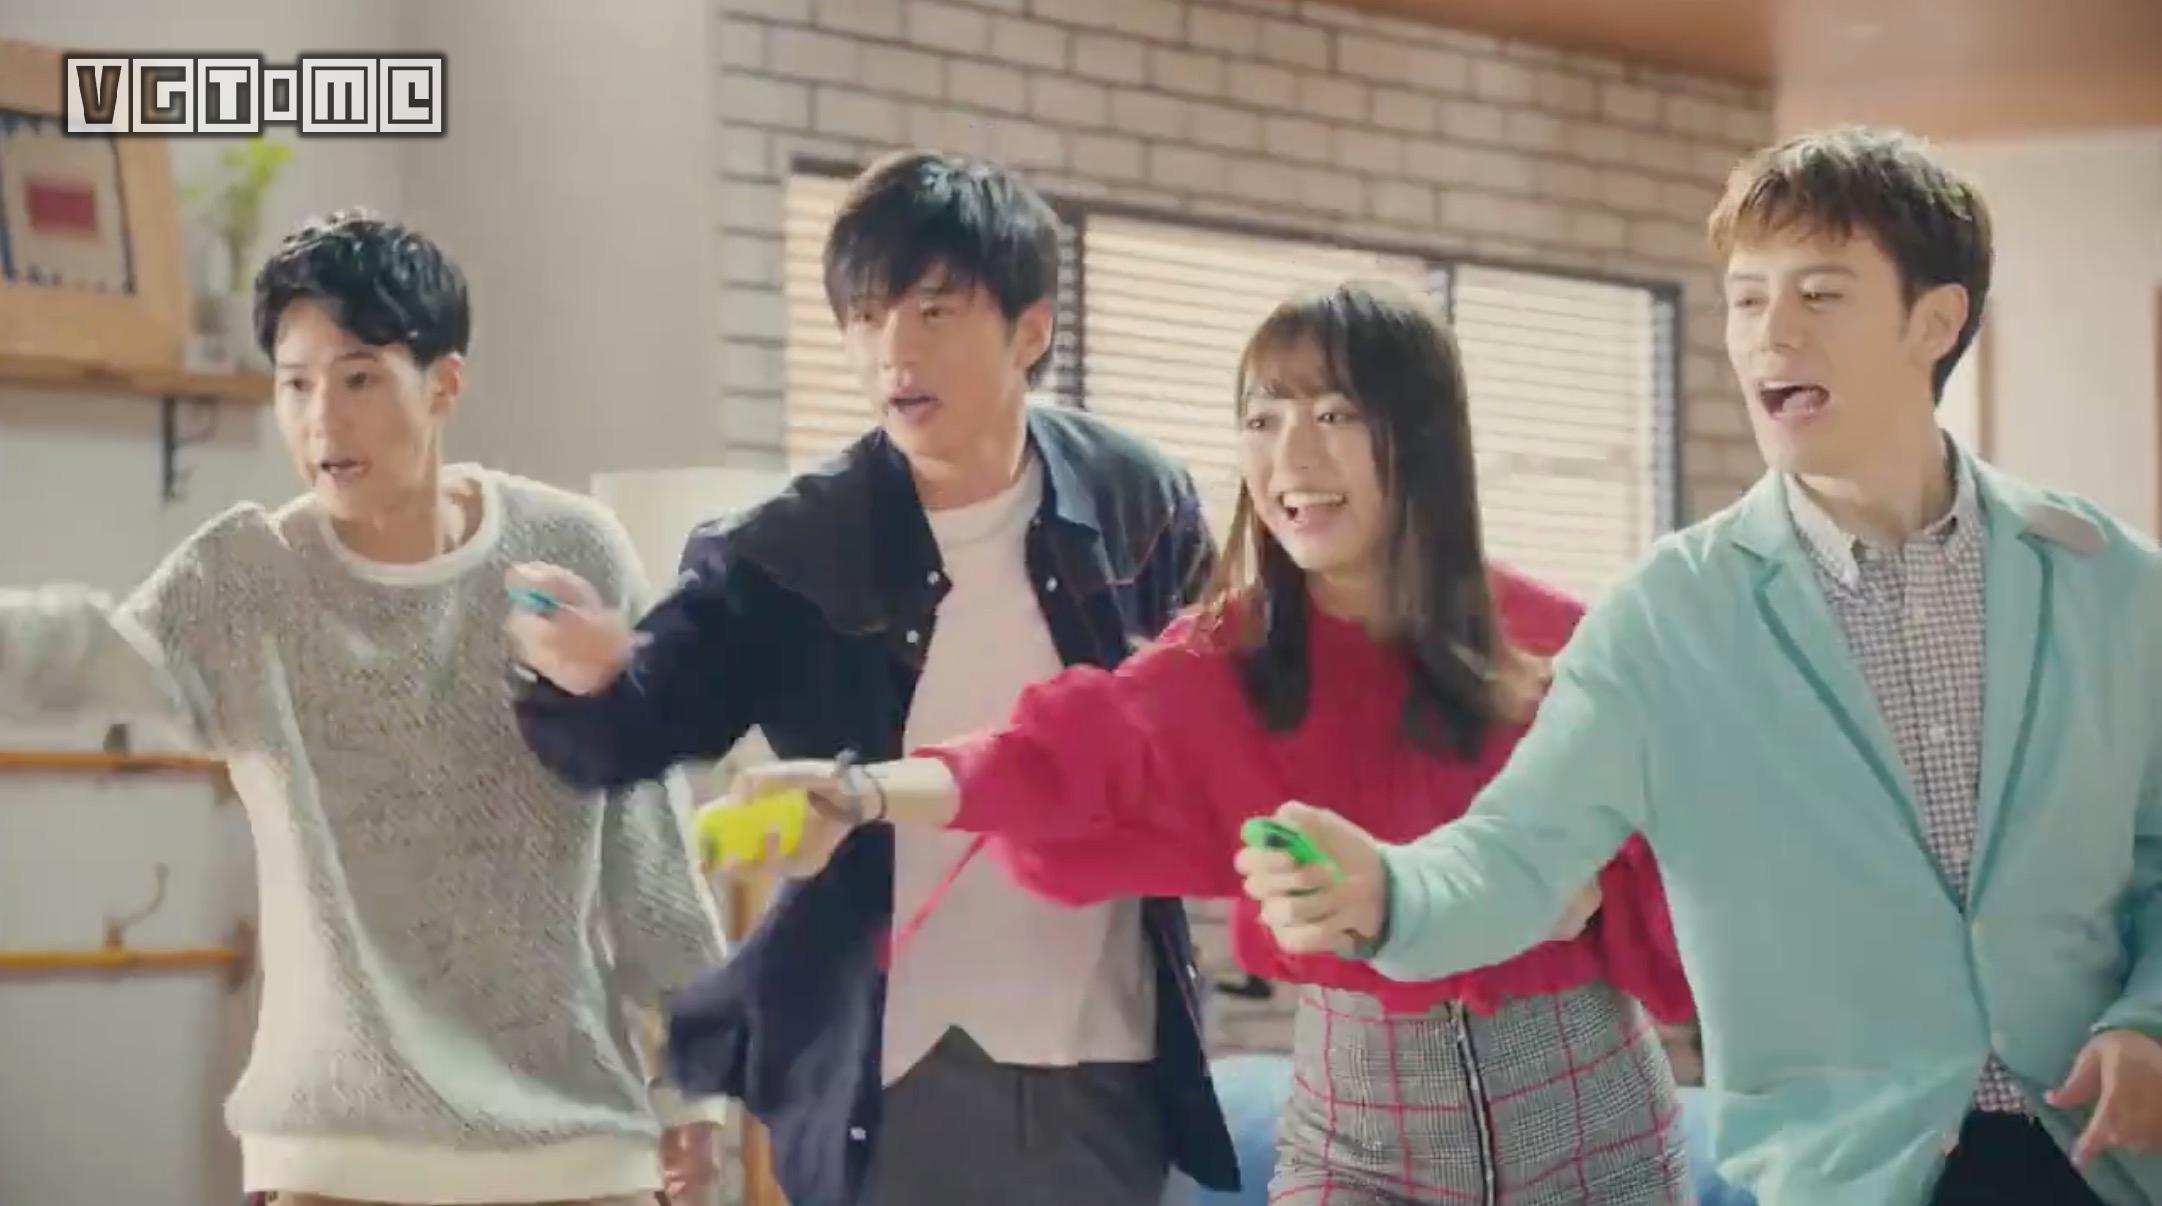 《超级马力欧聚会》电视广告:与内田理央一起玩耍吧